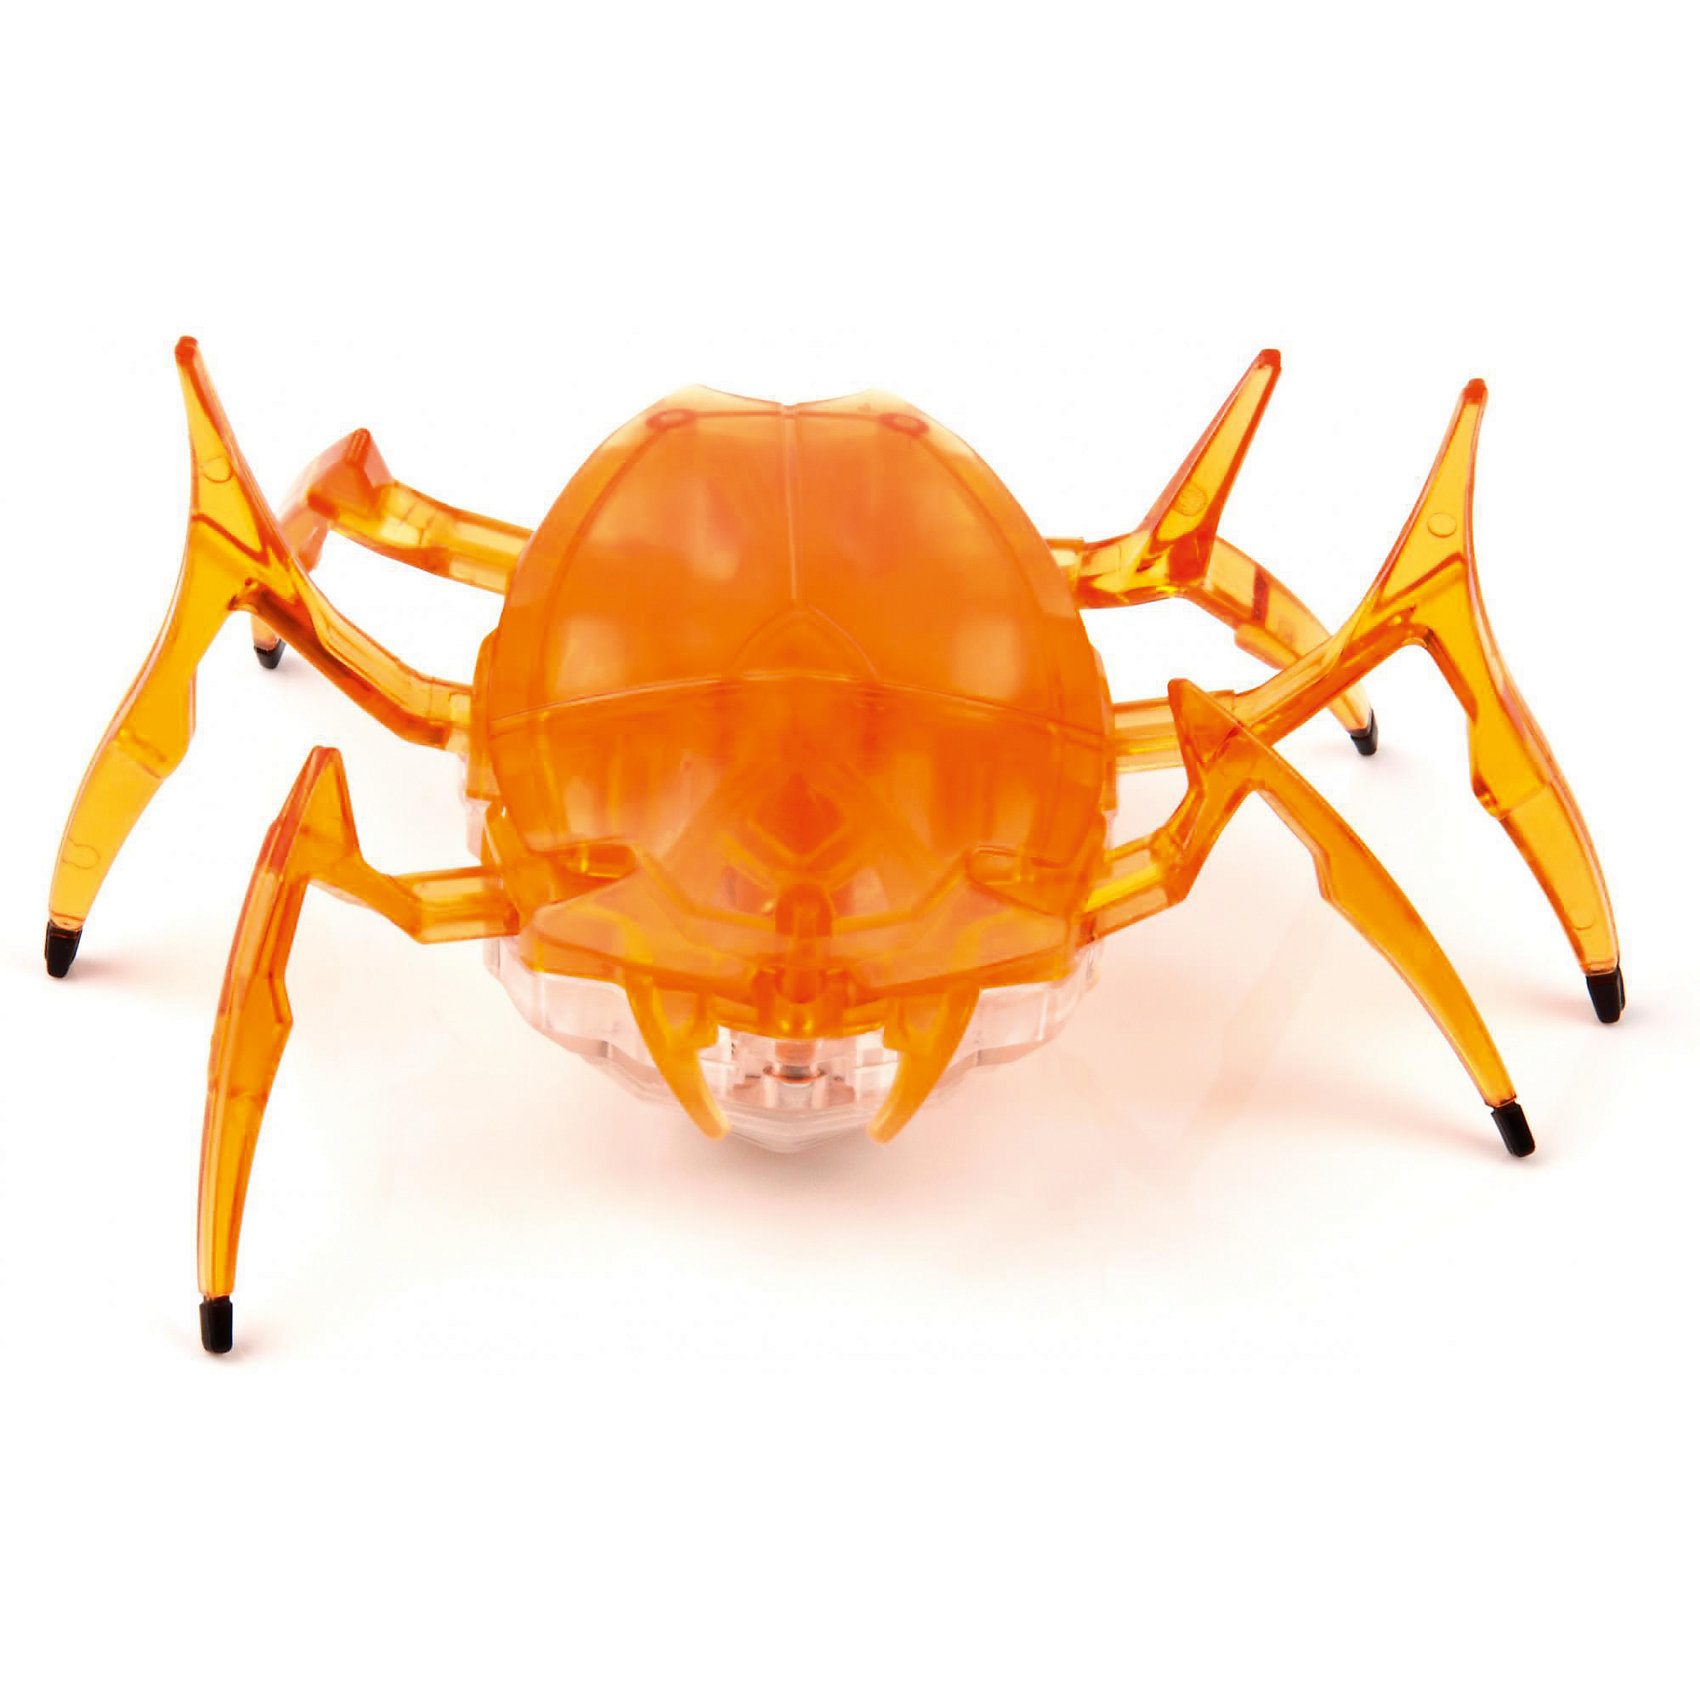 Микро-робот Cкарабей, оранжевый, HexbugПрочие интерактивные игрушки<br>Микро-робот Cкарабей, оранжевый, Hexbug (Хексбаг)<br><br>Характеристики:<br><br>• самостоятельно передвигается и переворачивается<br>• умеет толкать небольшие предметы<br>• мощный моторчик<br>• батарейки: AG13 - 3 шт. (входят в комплект)<br>• материал: пластик, металл<br>• размер: 6х7х4 см<br>• цвет: оранжевый<br>• размер упаковки: 13х11,5х6 см<br>• вес: 40 грамм<br><br>Микро-робот Скарабей - маленькая копия своего прототипа. Как и жук скарабей, робот умеет толкать небольшие предметы, превышающие его собственный вес. Кроме того, робот не имеет датчиков и самостоятельно передвигается в любую сторону. При столкновении с препятствием робот отпрыгивает и разворачивается в другую сторону, чтобы продолжить свой путь. Даже если робот упадет на спинку, он быстро перевернется и побежит в нужном направлении. Такая игрушка позволит вам весело провести время всей семьей!<br><br>Микро-робота Cкарабей, оранжевый, Hexbug (Хексбаг) вы можете купить в нашем интернет-магазине.<br><br>Ширина мм: 60<br>Глубина мм: 110<br>Высота мм: 130<br>Вес г: 47<br>Возраст от месяцев: 36<br>Возраст до месяцев: 2147483647<br>Пол: Унисекс<br>Возраст: Детский<br>SKU: 5507224